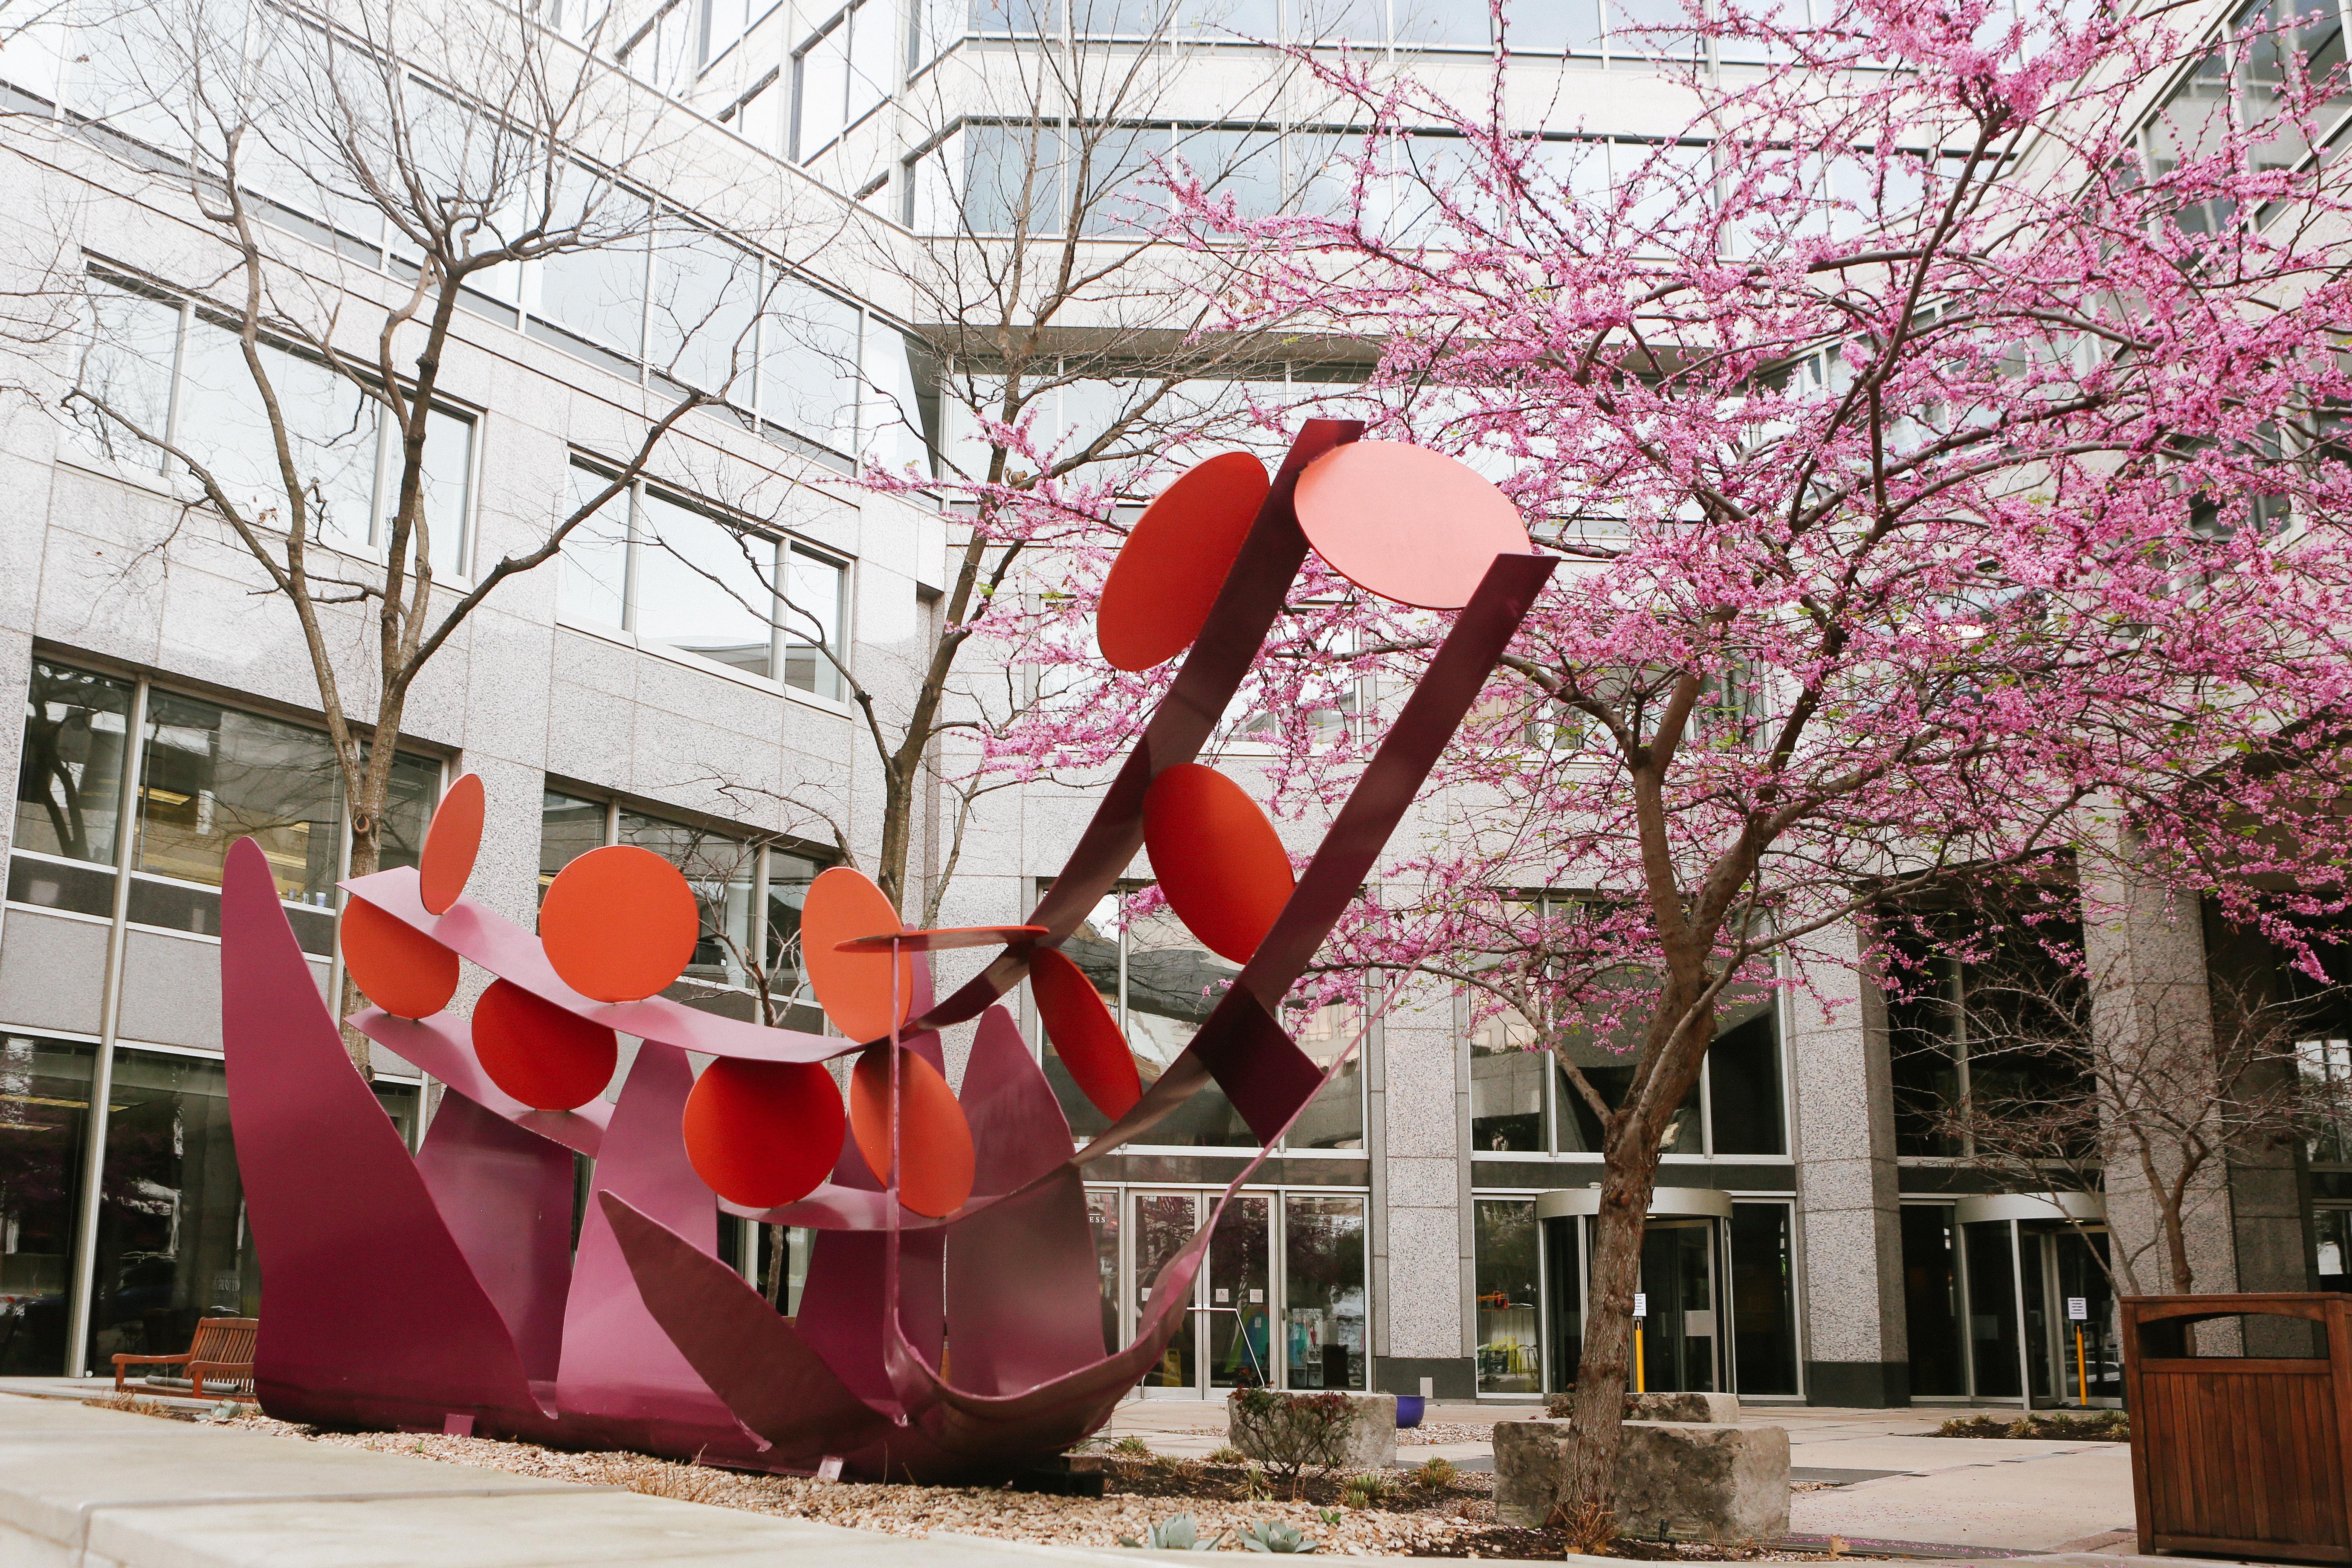 Austin Texas Art Sculpture